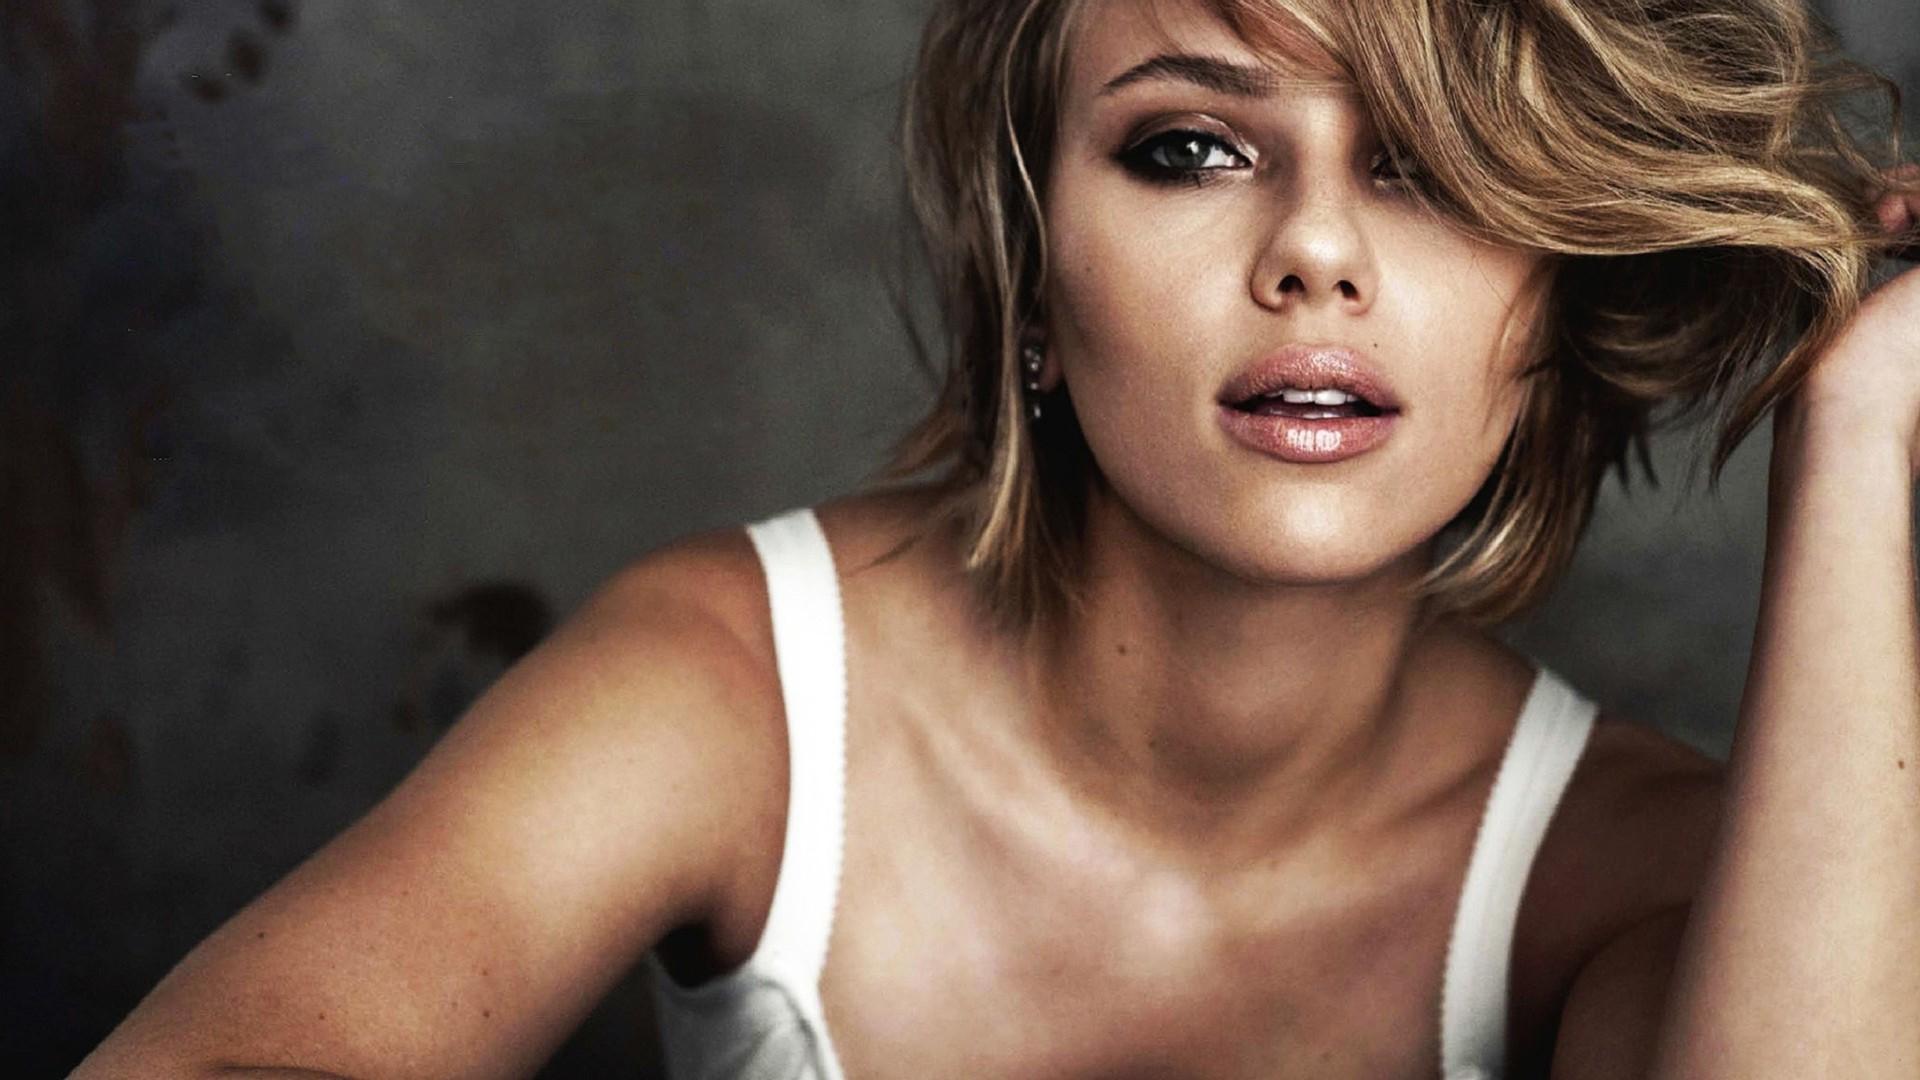 Star Celebrity Wallpapers Ashley Greene Hd Wallpapers: Scarlett Johansson HD Wallpaper